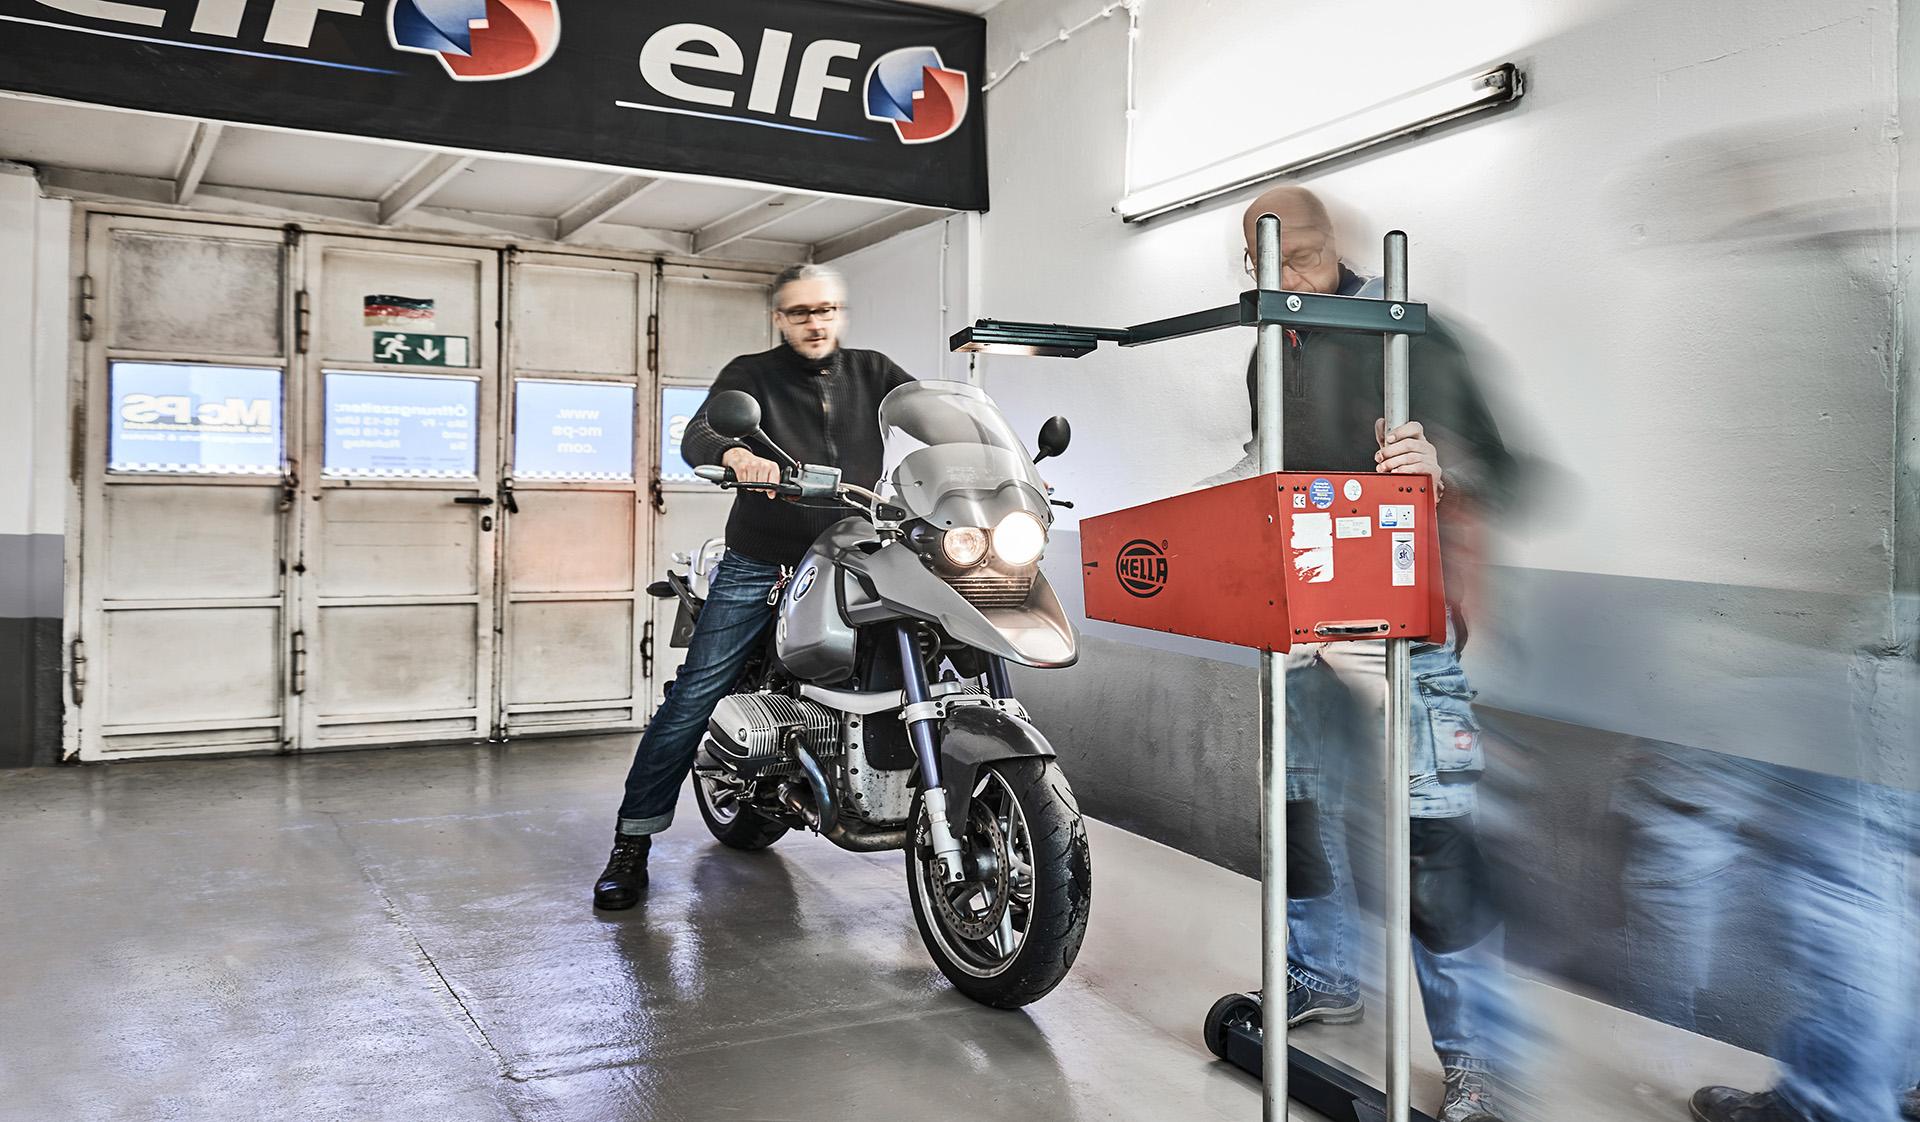 Hauptuntersuchung / TÜV / DEKRA für Motorrräder